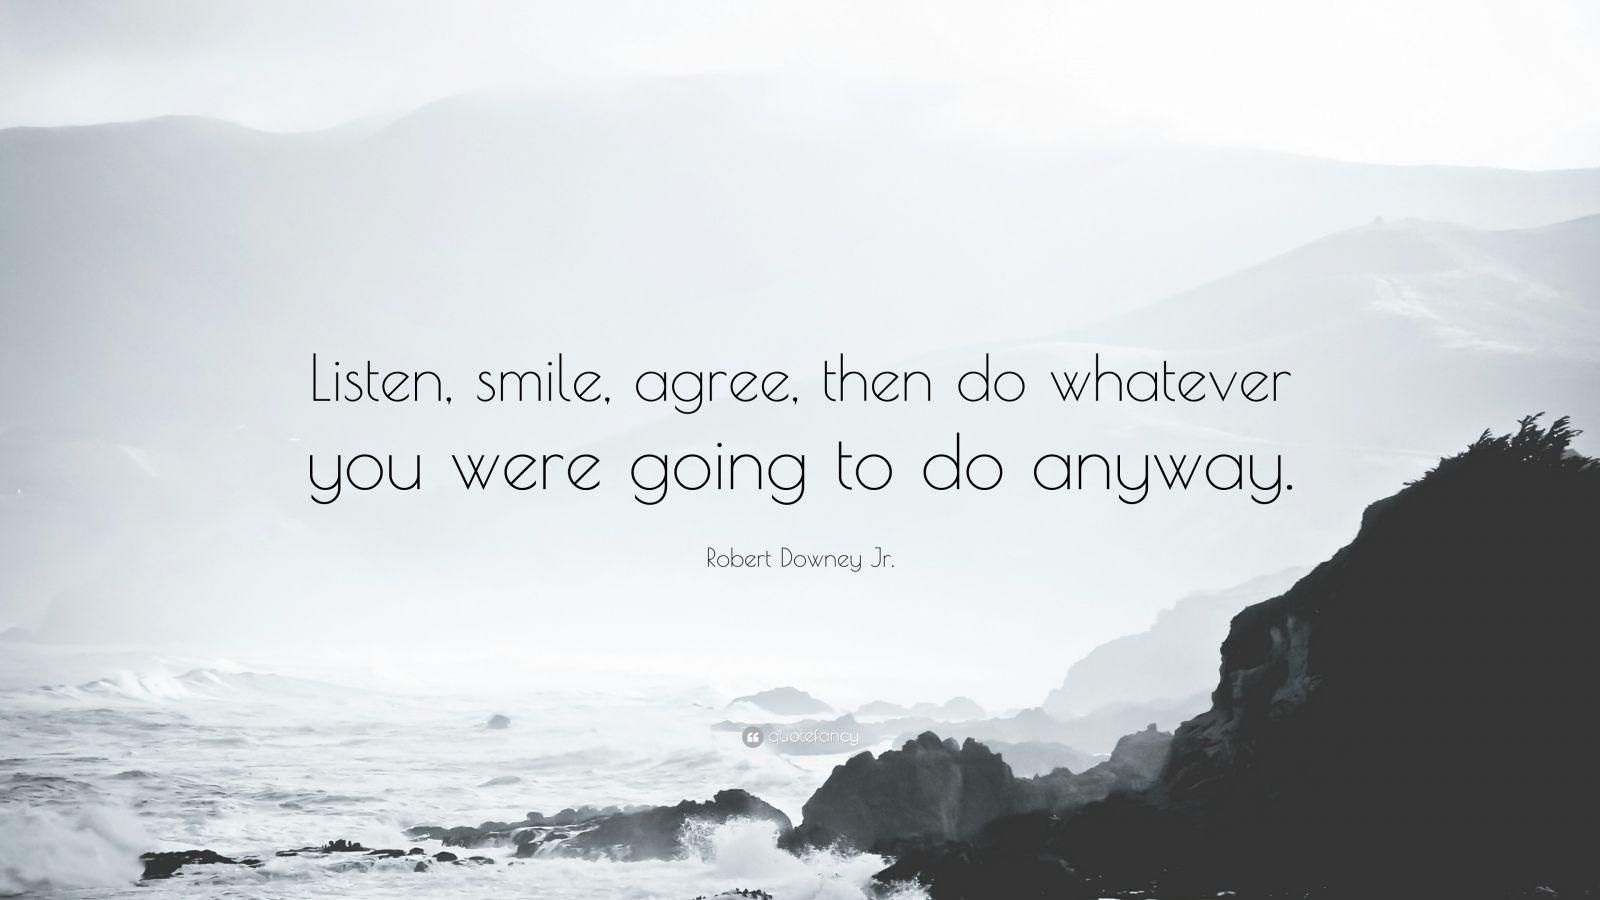 Robert Downey Jr Quotes 100 Wallpapers Quotefancy